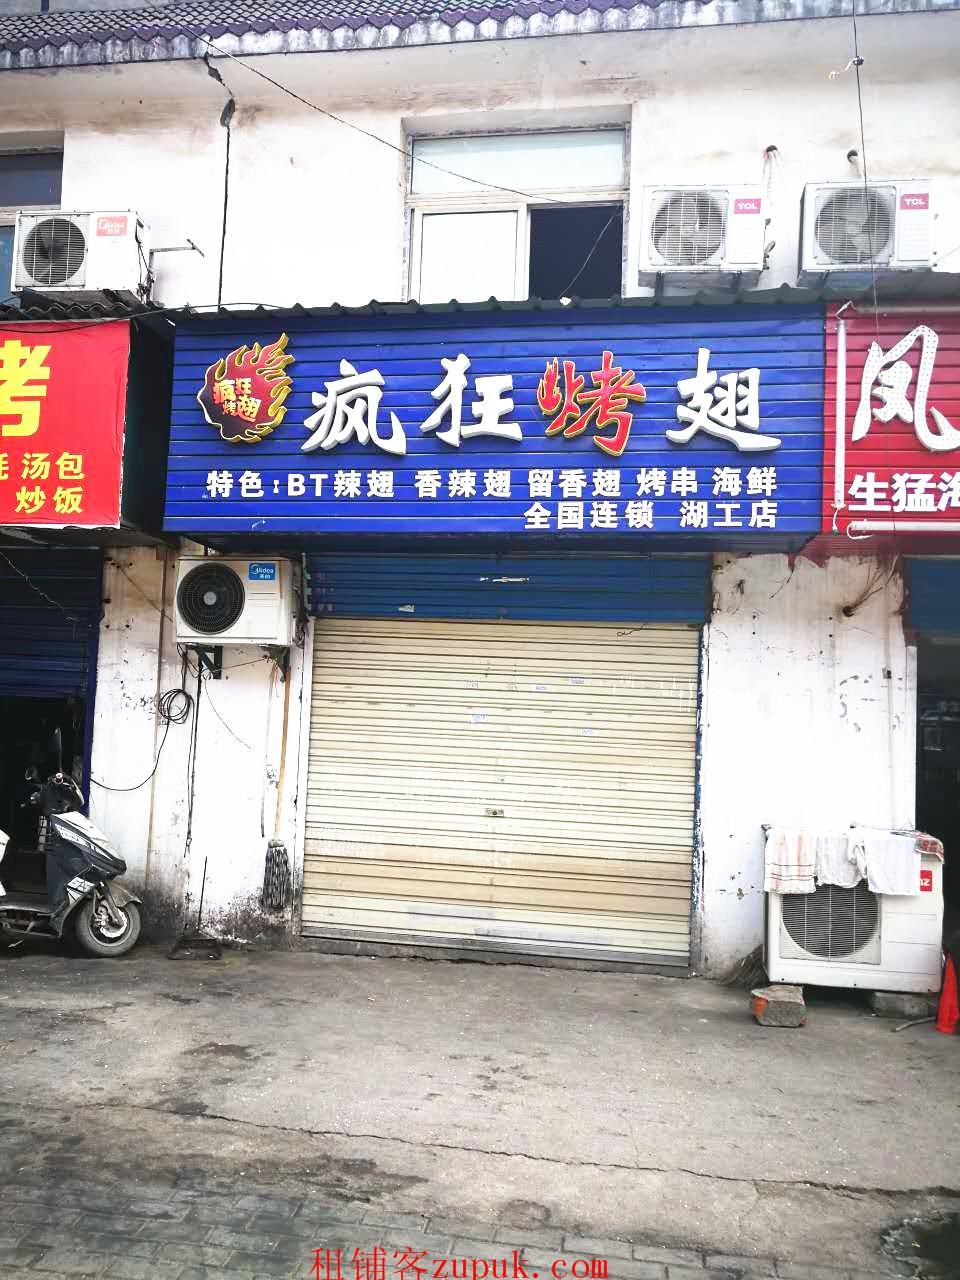 洪山区武南路全国连锁烧烤店餐饮小吃店优转